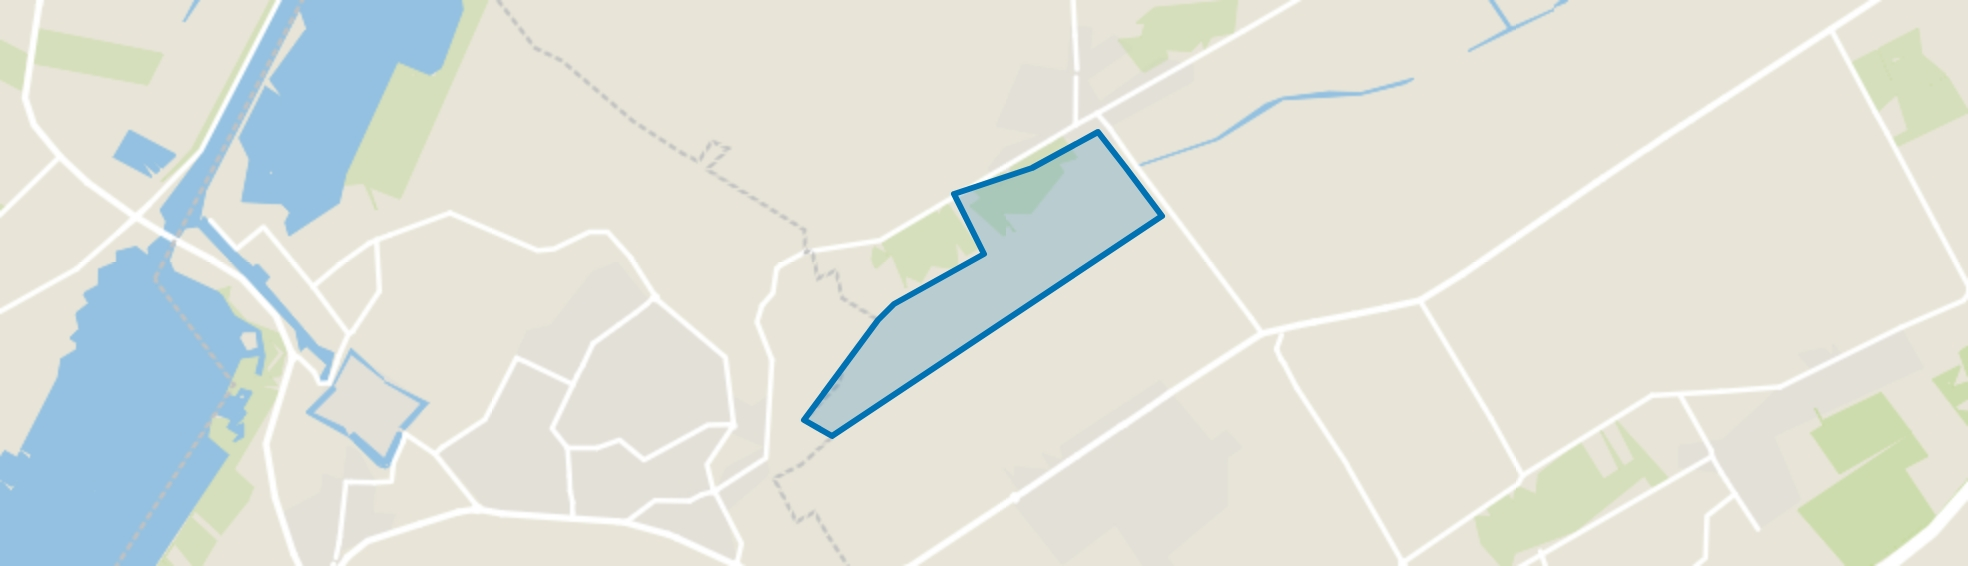 Eekt, Oosterwolde (GE) map